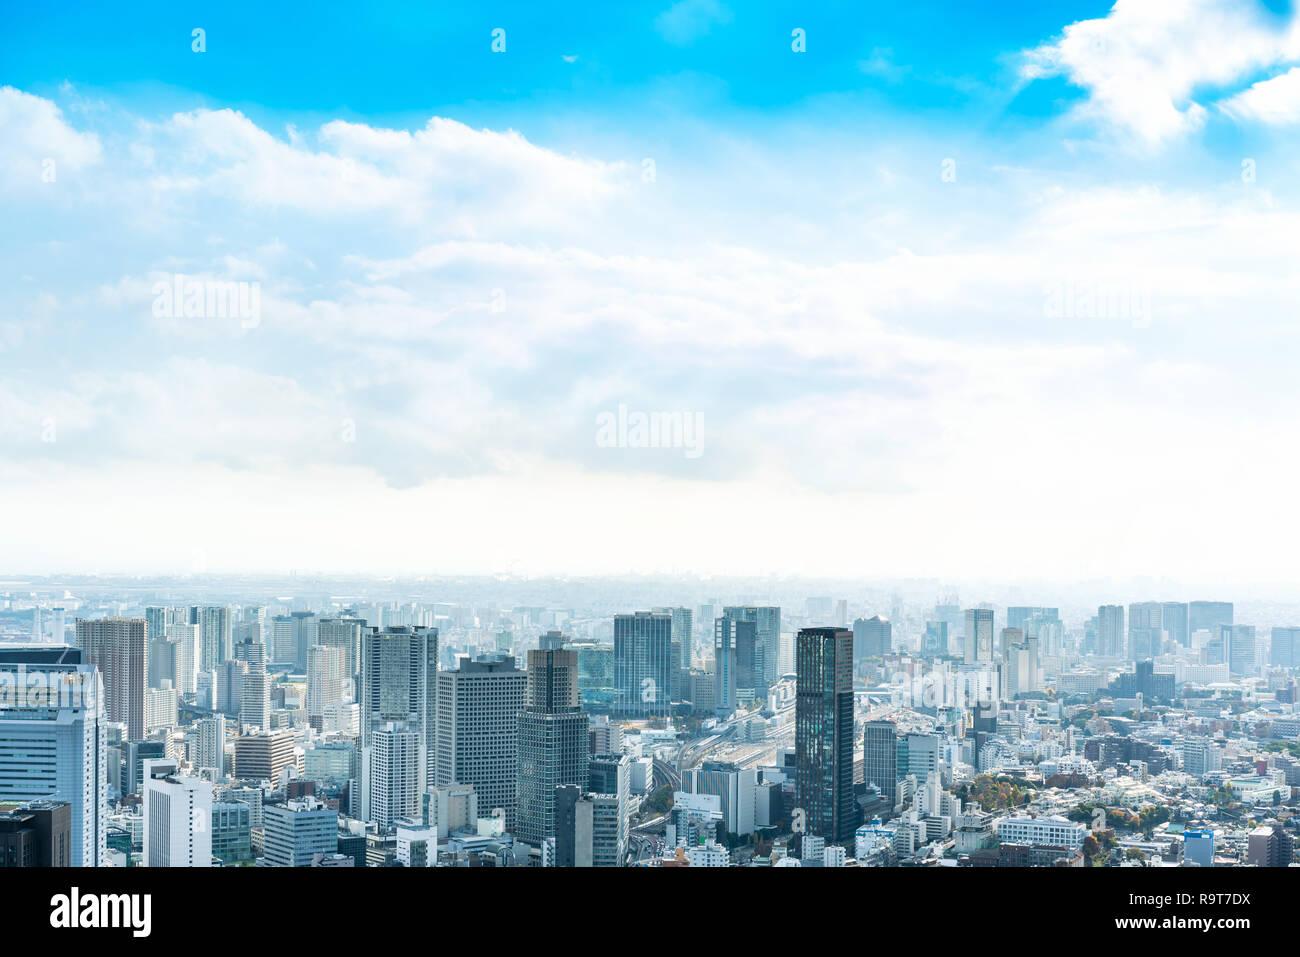 Asien Business Konzept für Immobilien und Corporate Bau - Panoramablick auf die City Skyline Luftbild unter strahlend blauen Himmel und die Sonne in Tokio, Ja Stockfoto